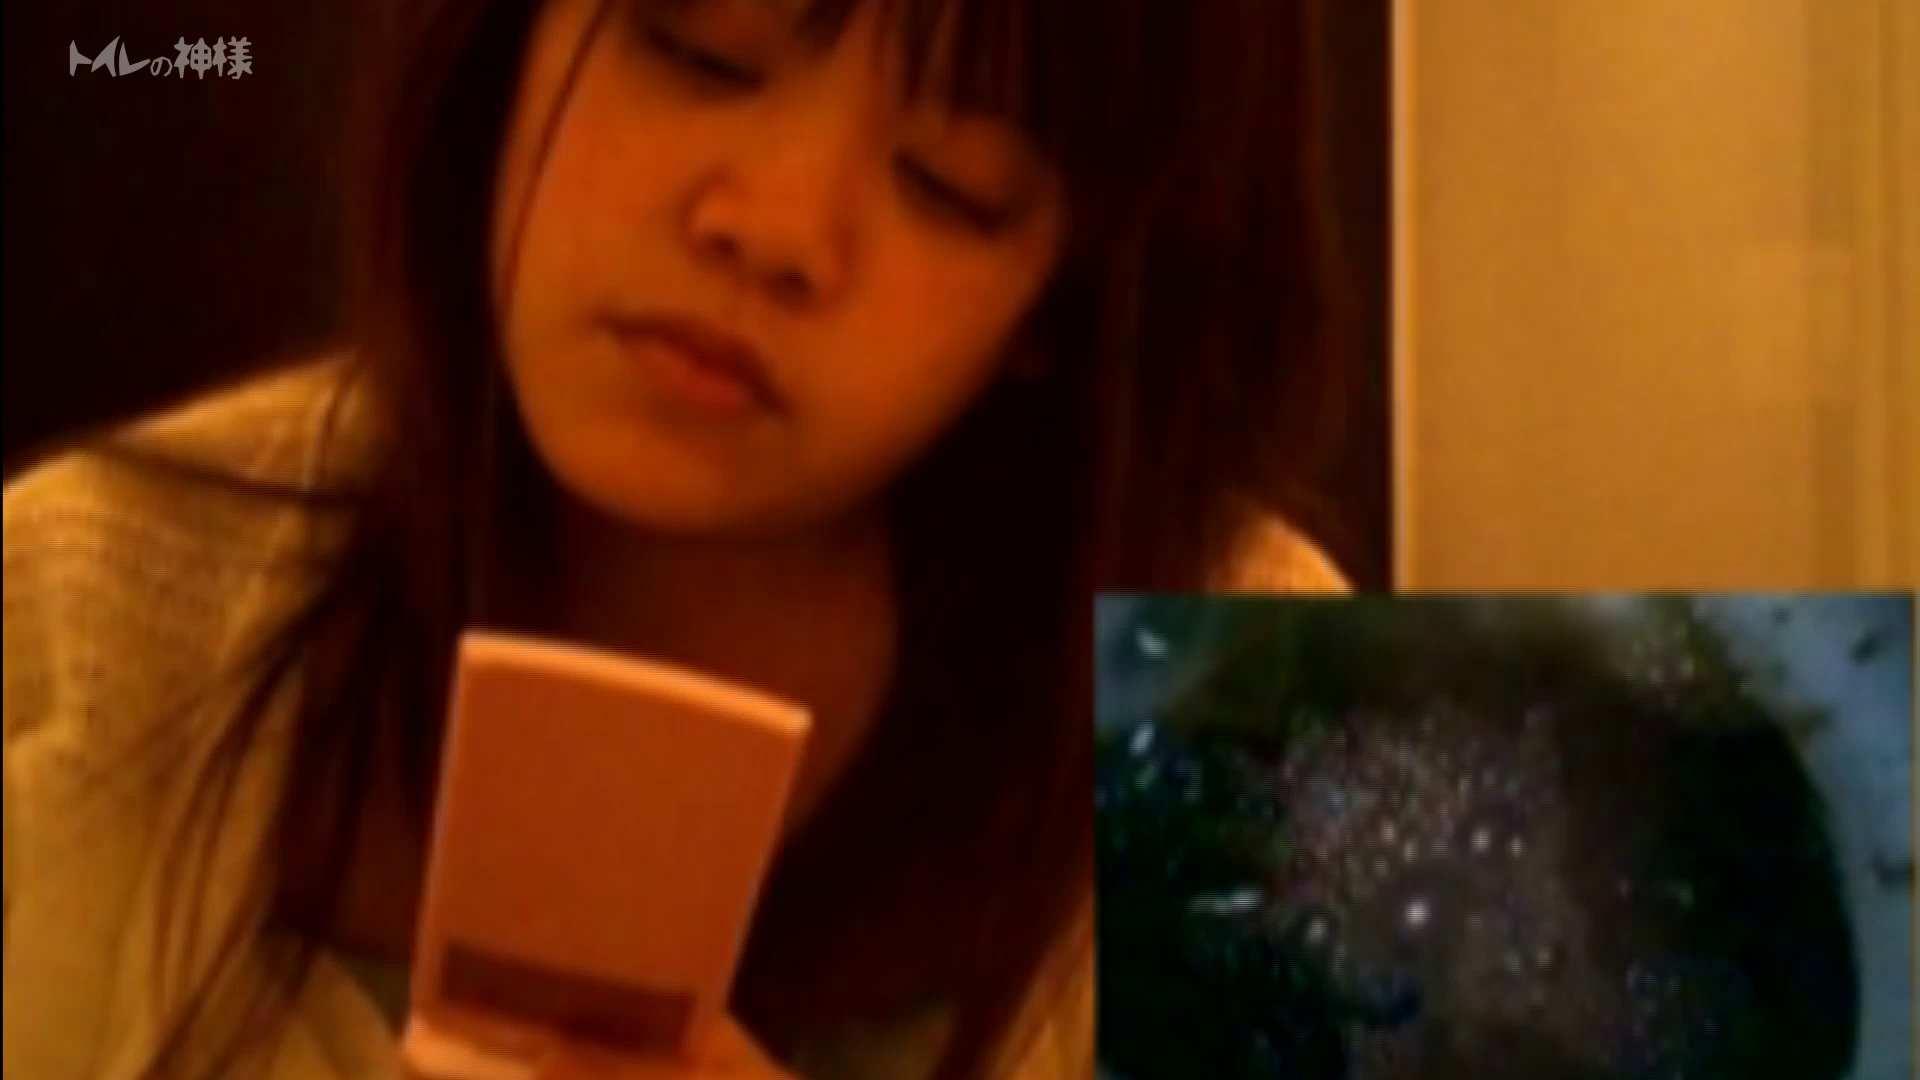 トイレの神様 Vol.03 彼女のうんち隠し撮り OLのボディ | トイレの実態  81PIX 45